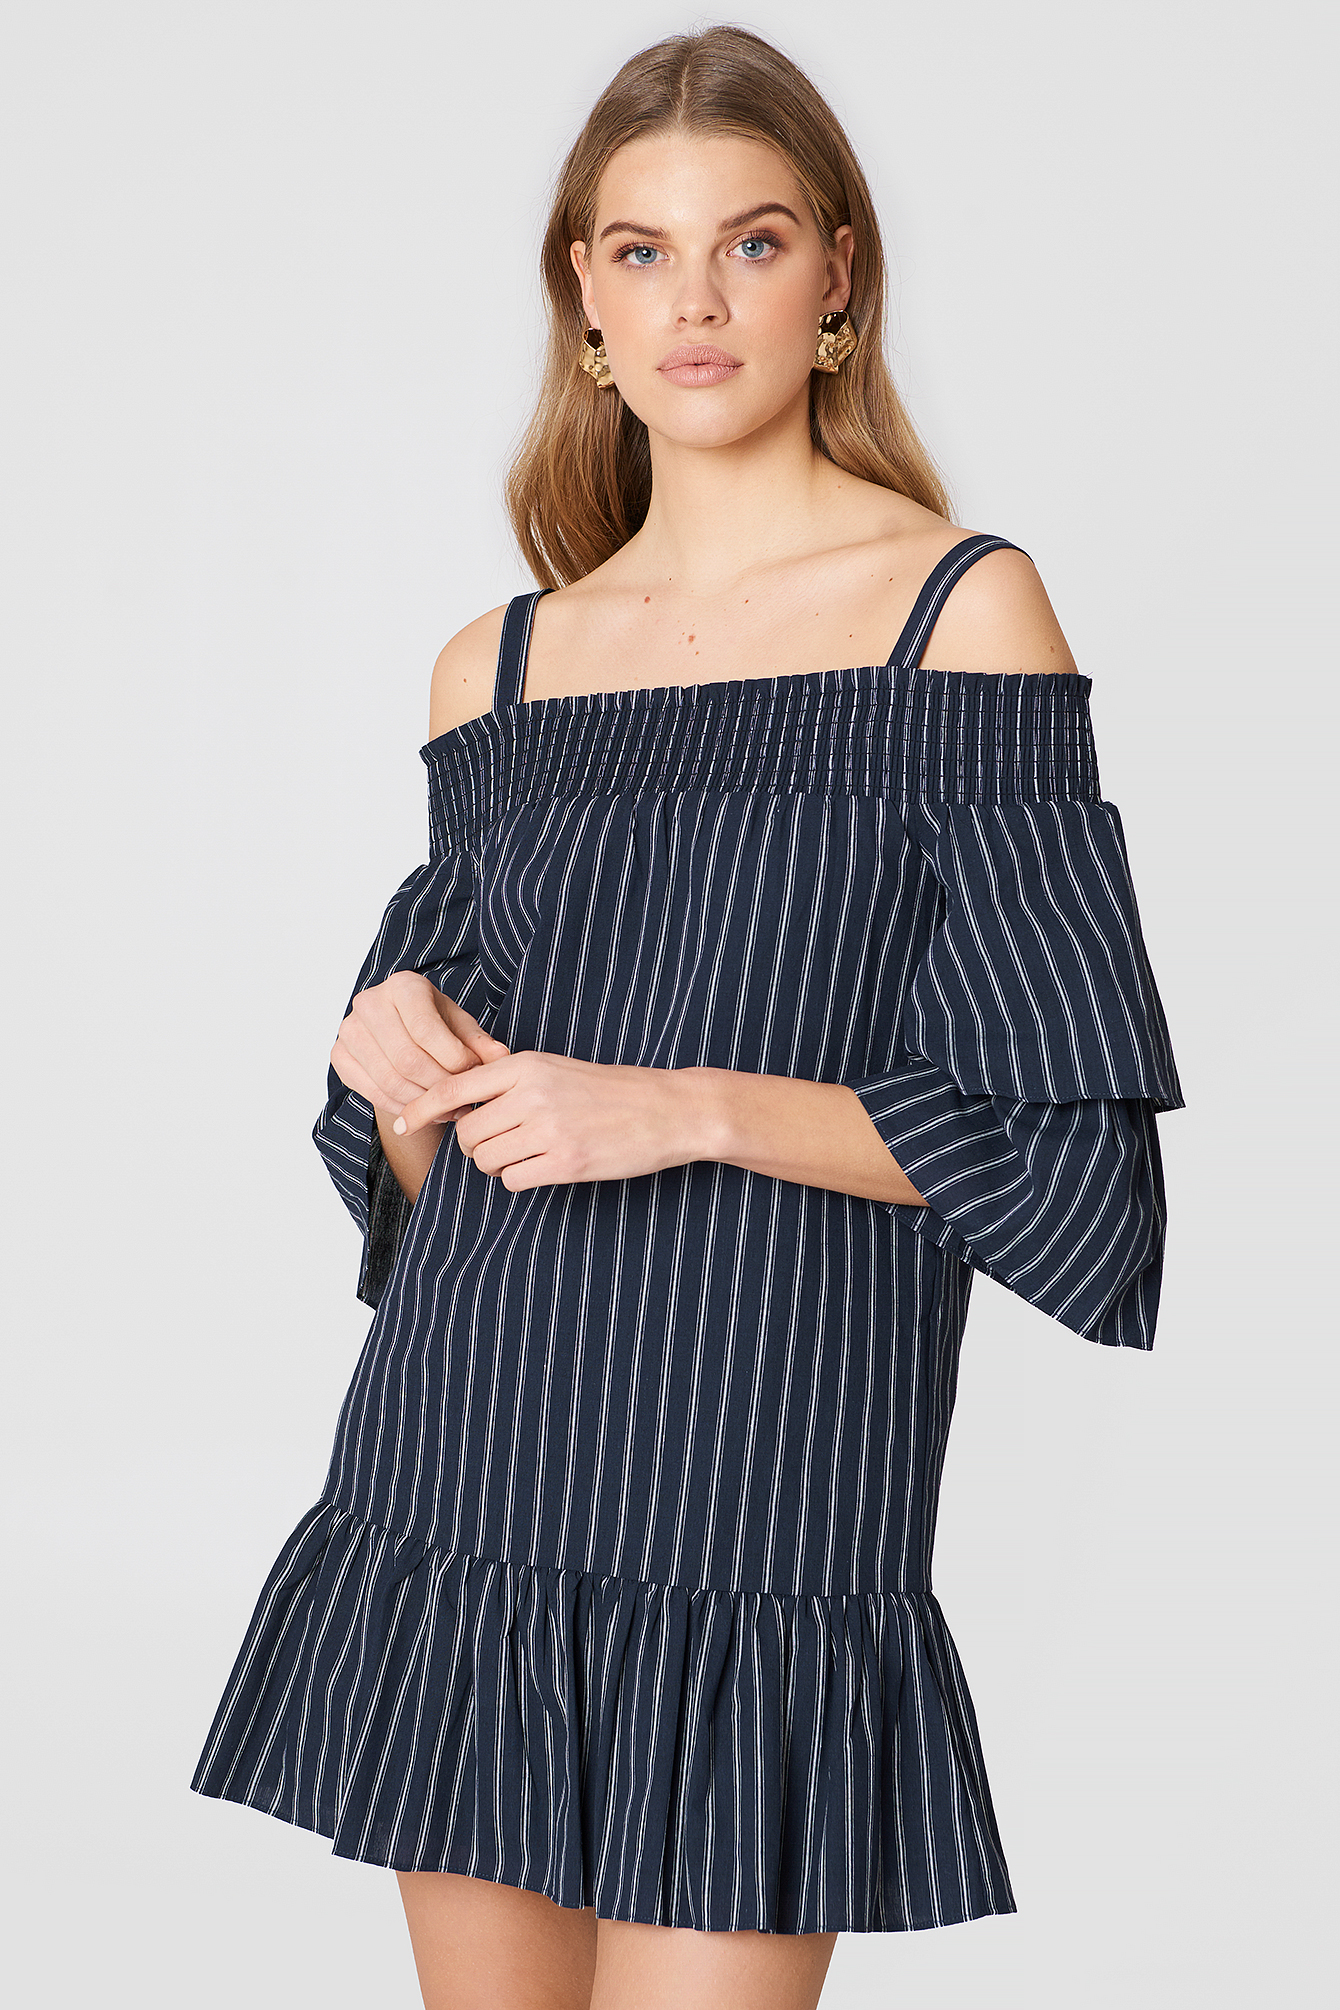 Off Shoulder Smocked Dress - Blue, Navy